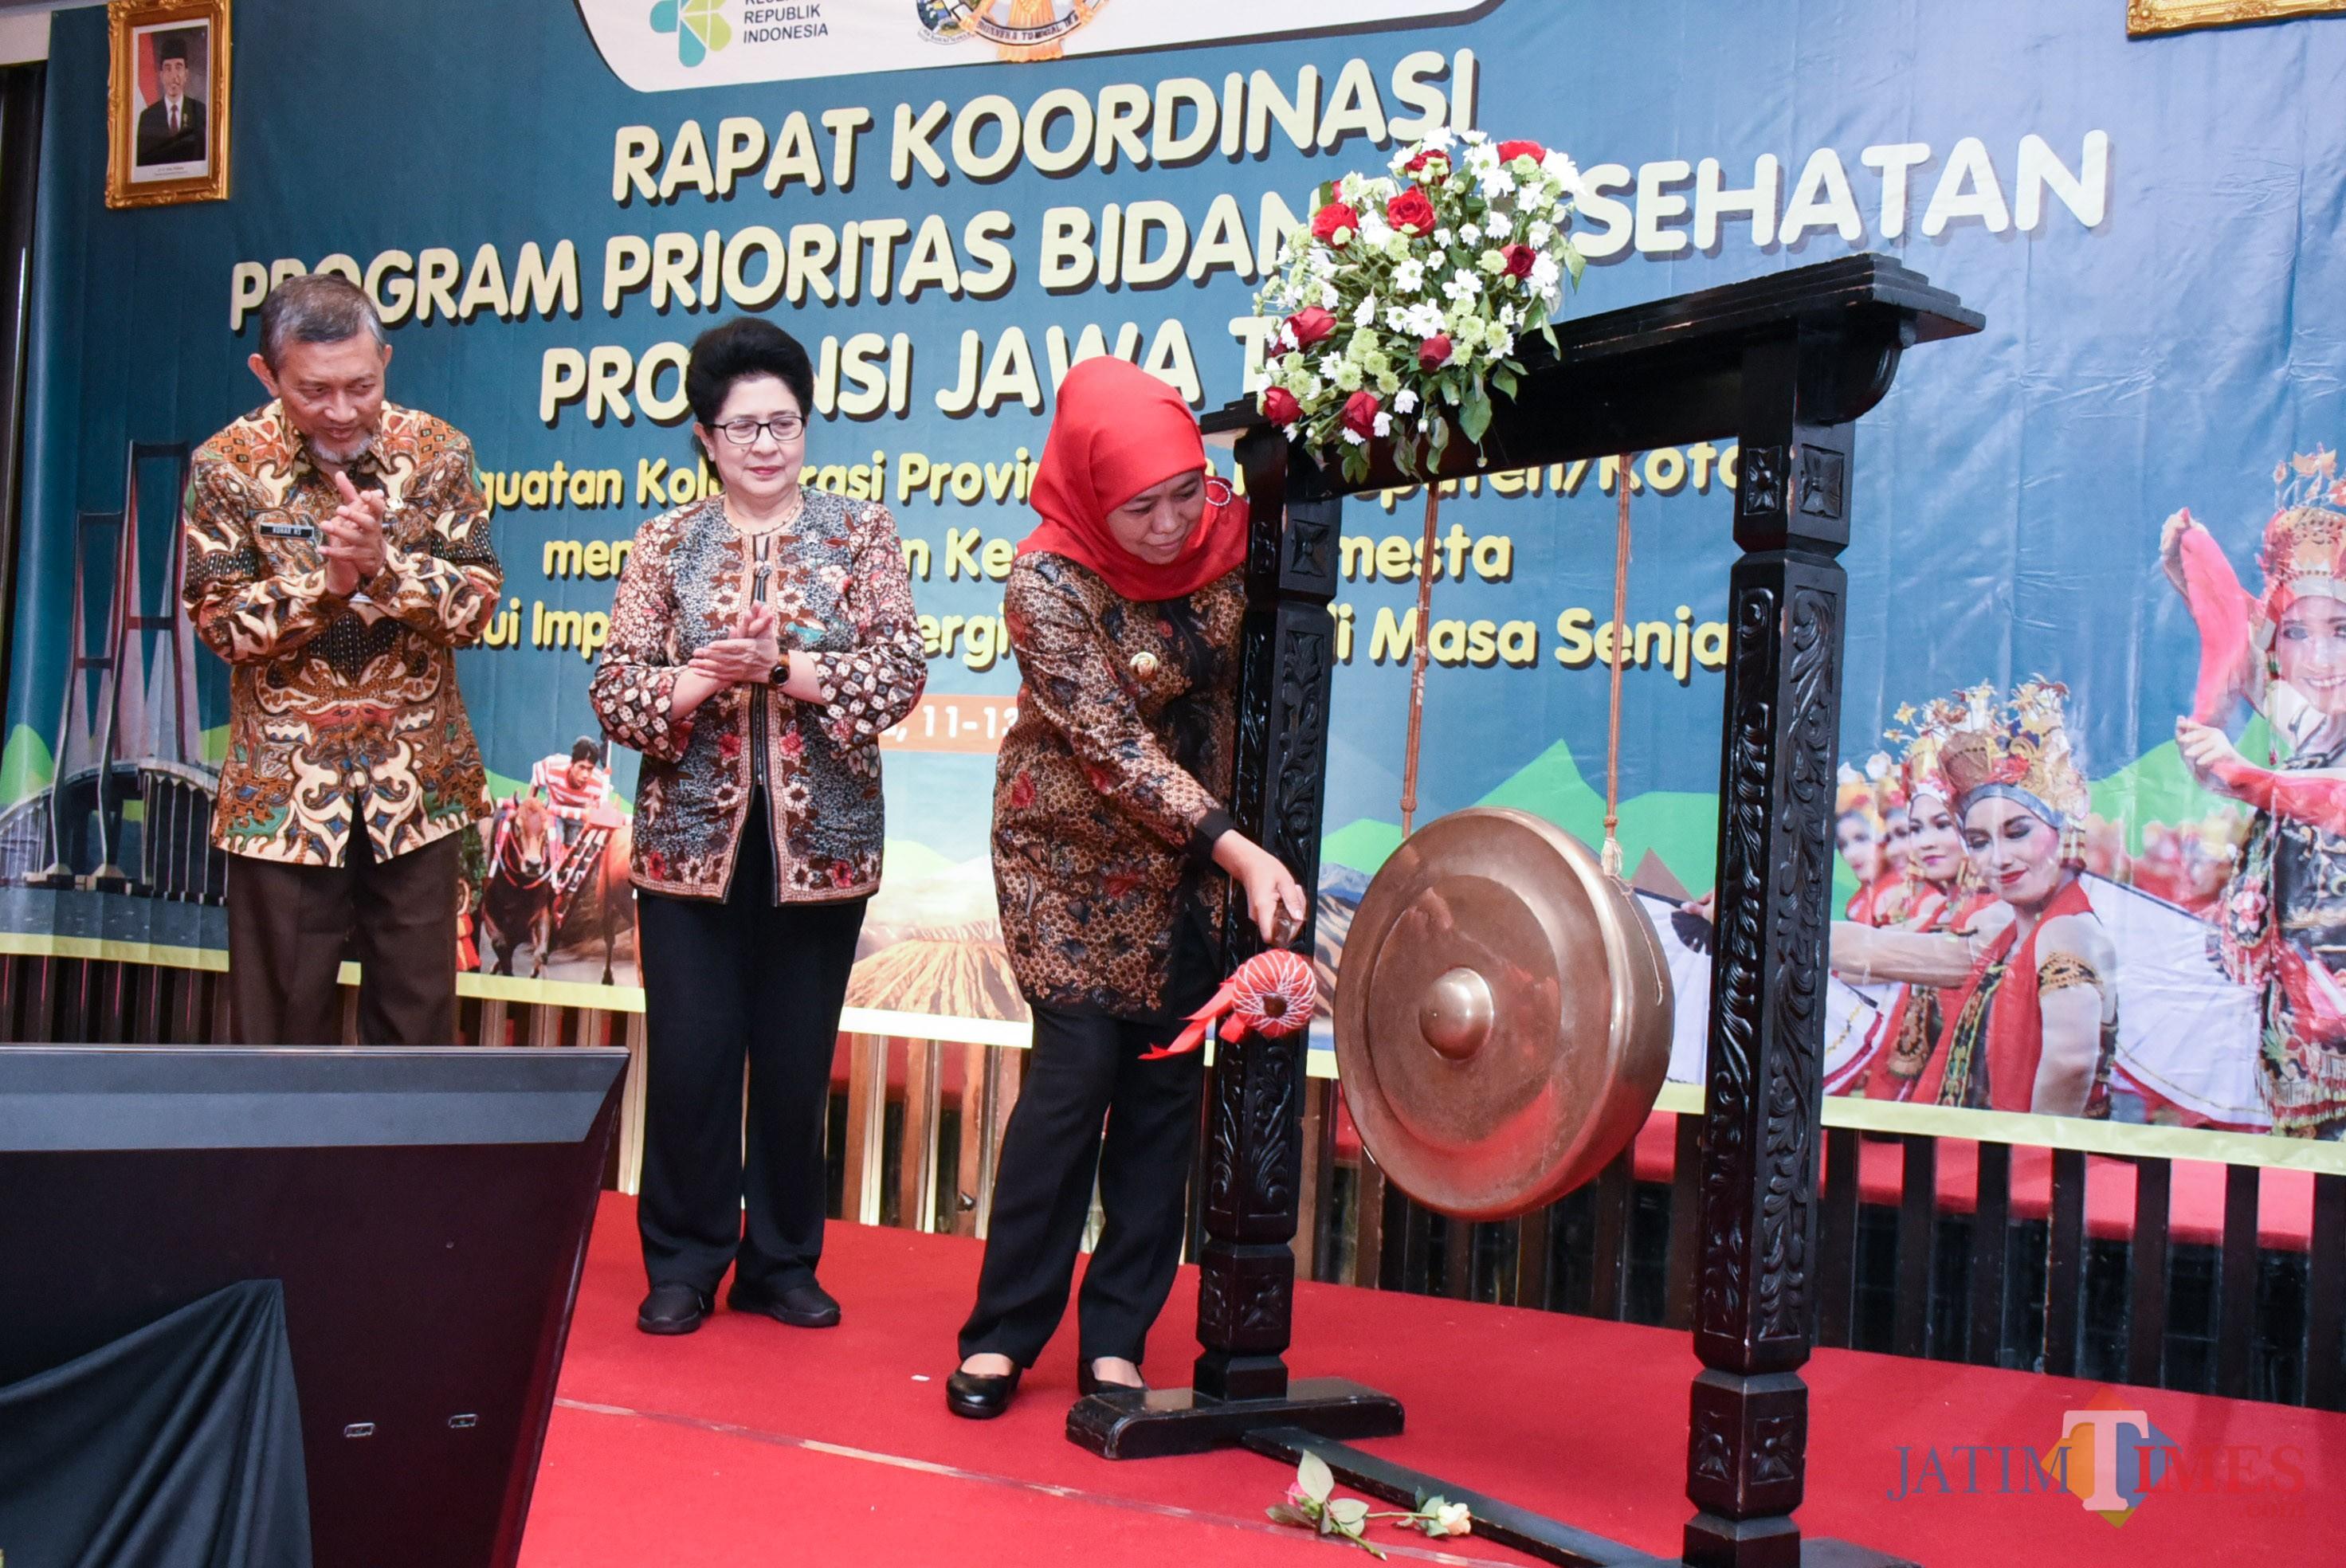 Gubernur Jatim pada acara Rapat Koordinasi Program Prioritas Bidang Kesehatan Provinsi Jatim, di Hotel Bumi, Surabaya